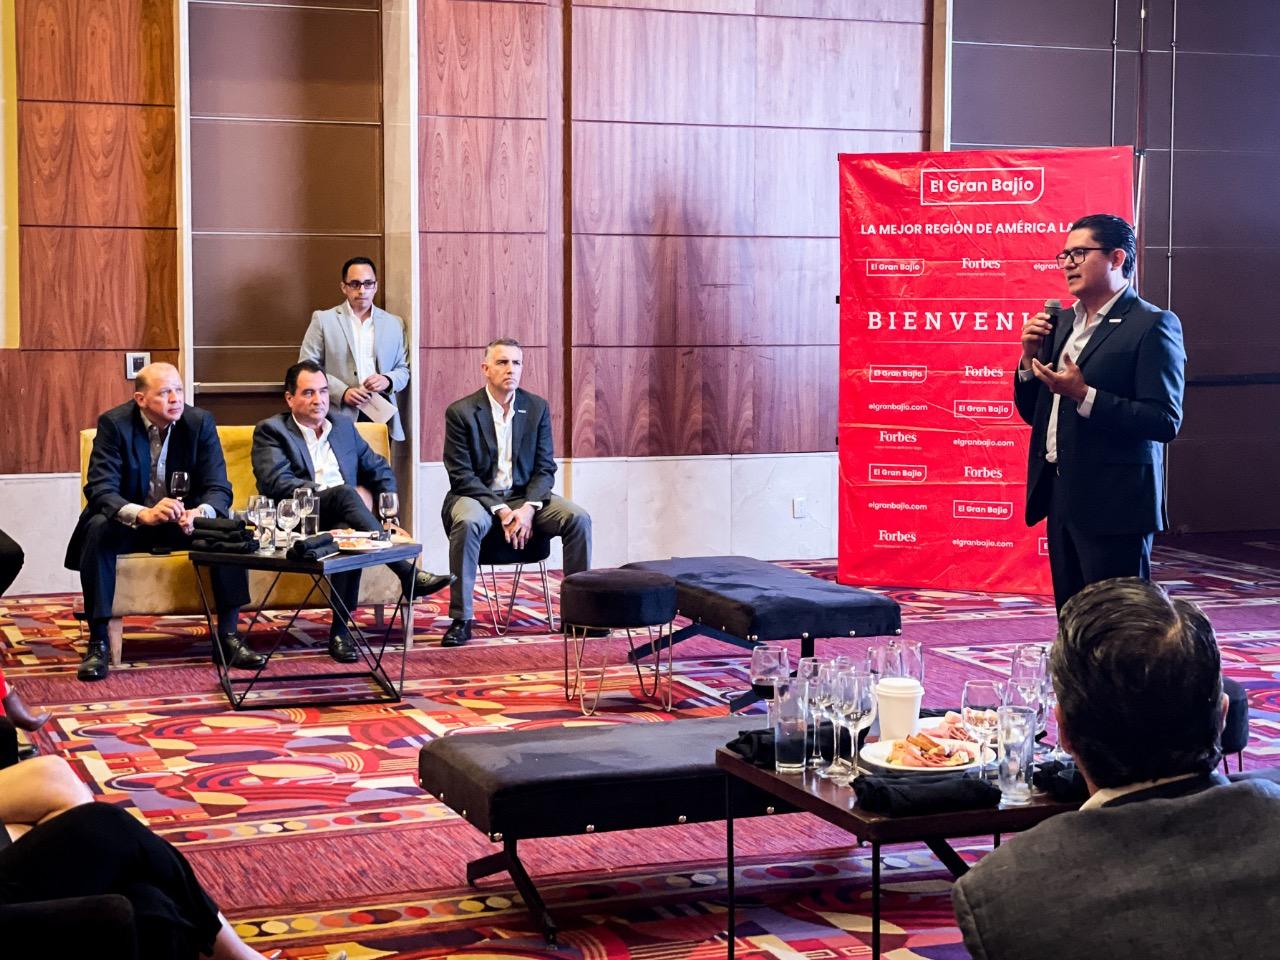 Enlace Forbes llega a Aguascalientes de la mano de El Gran Bajío y HSBC